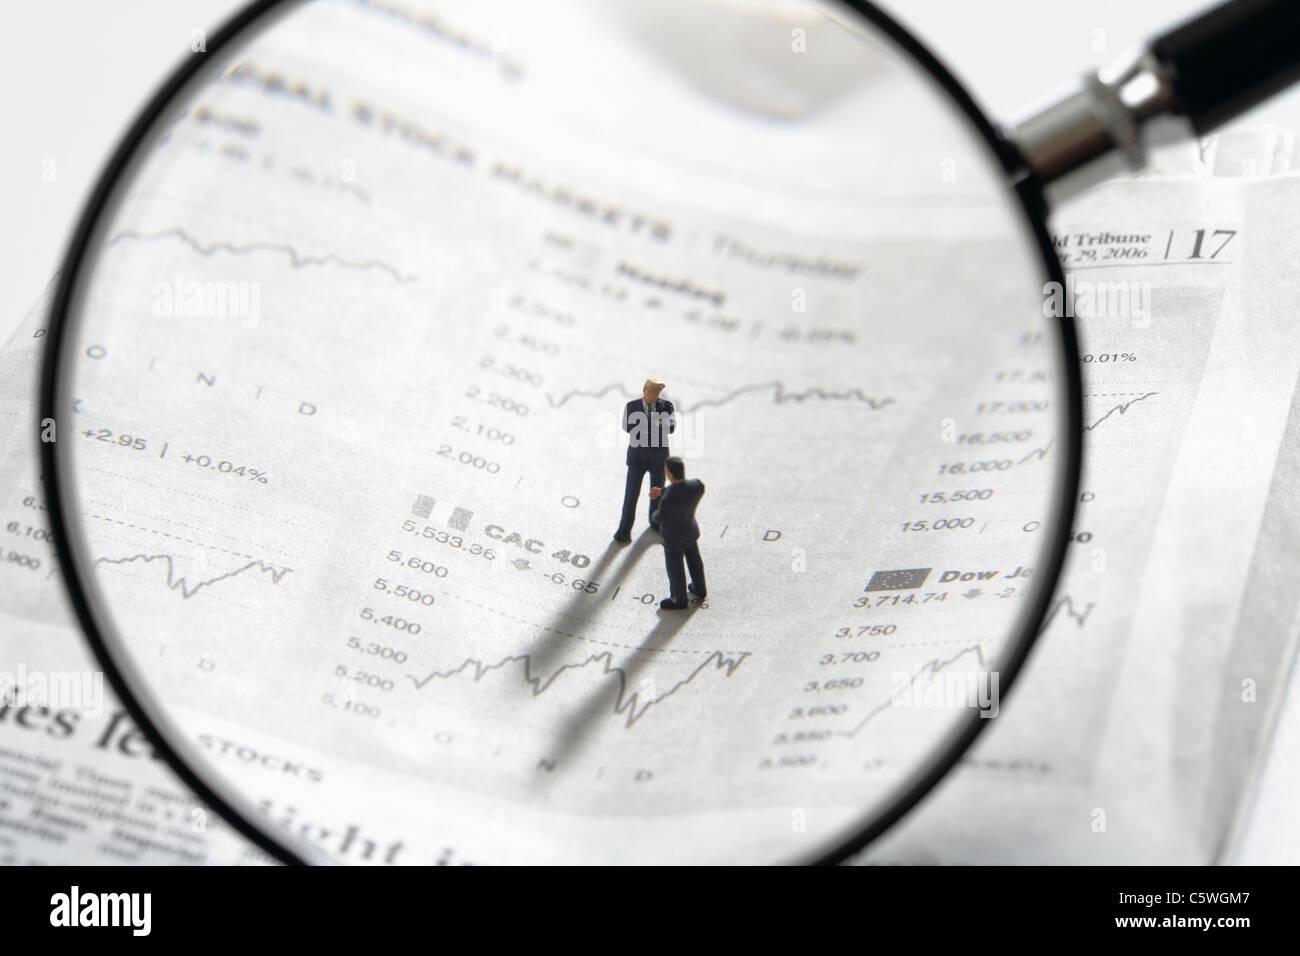 Zwei Figuren auf Zeitungspapier stock Quotes mit Lupe Linse im Vordergrund Stockbild